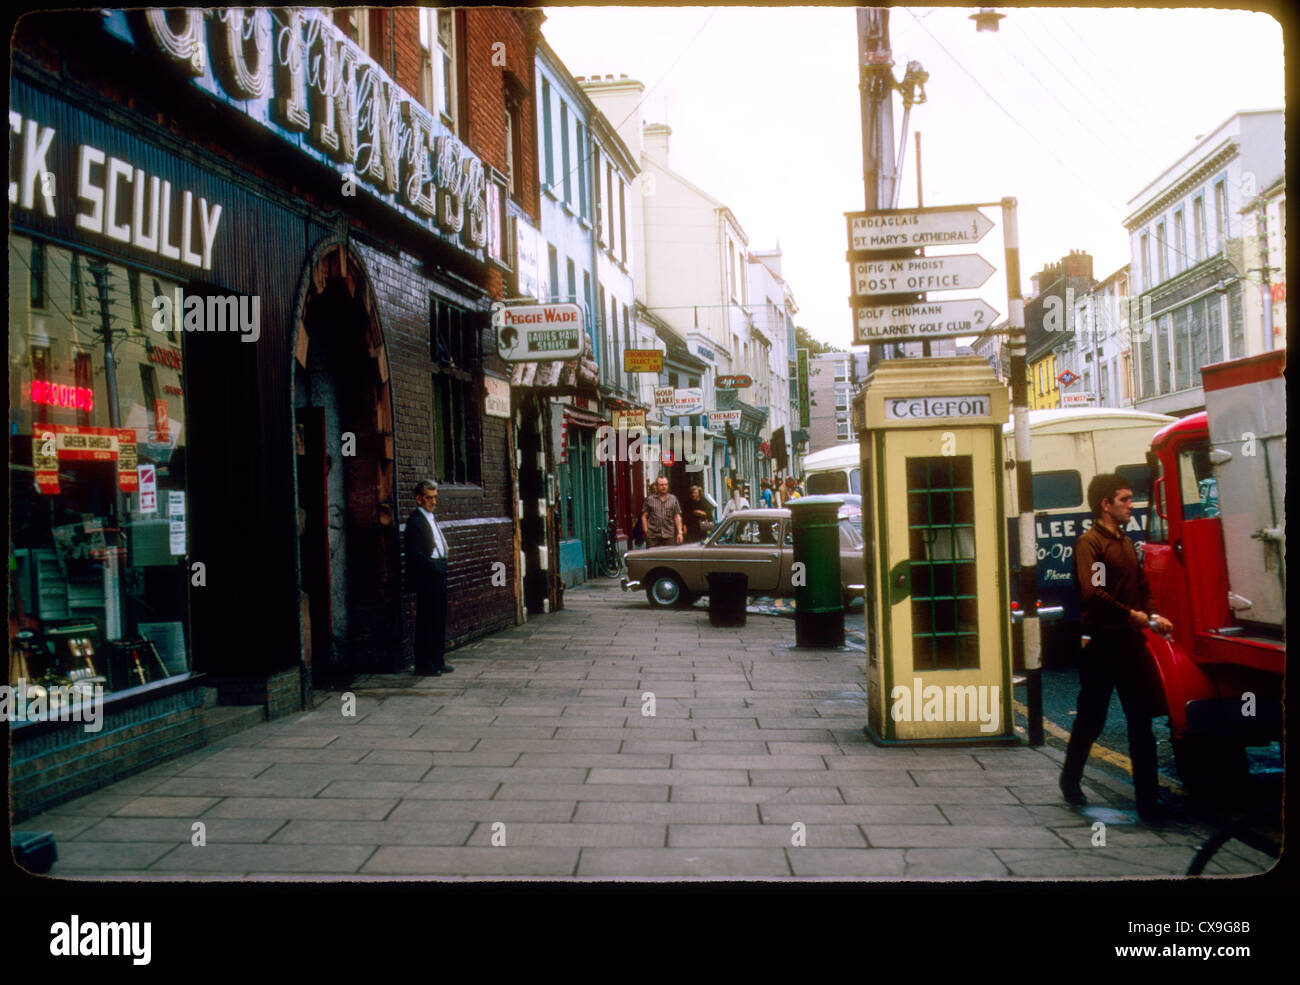 street scene ireland 1969 1960s phone booth irish europe - Stock Image